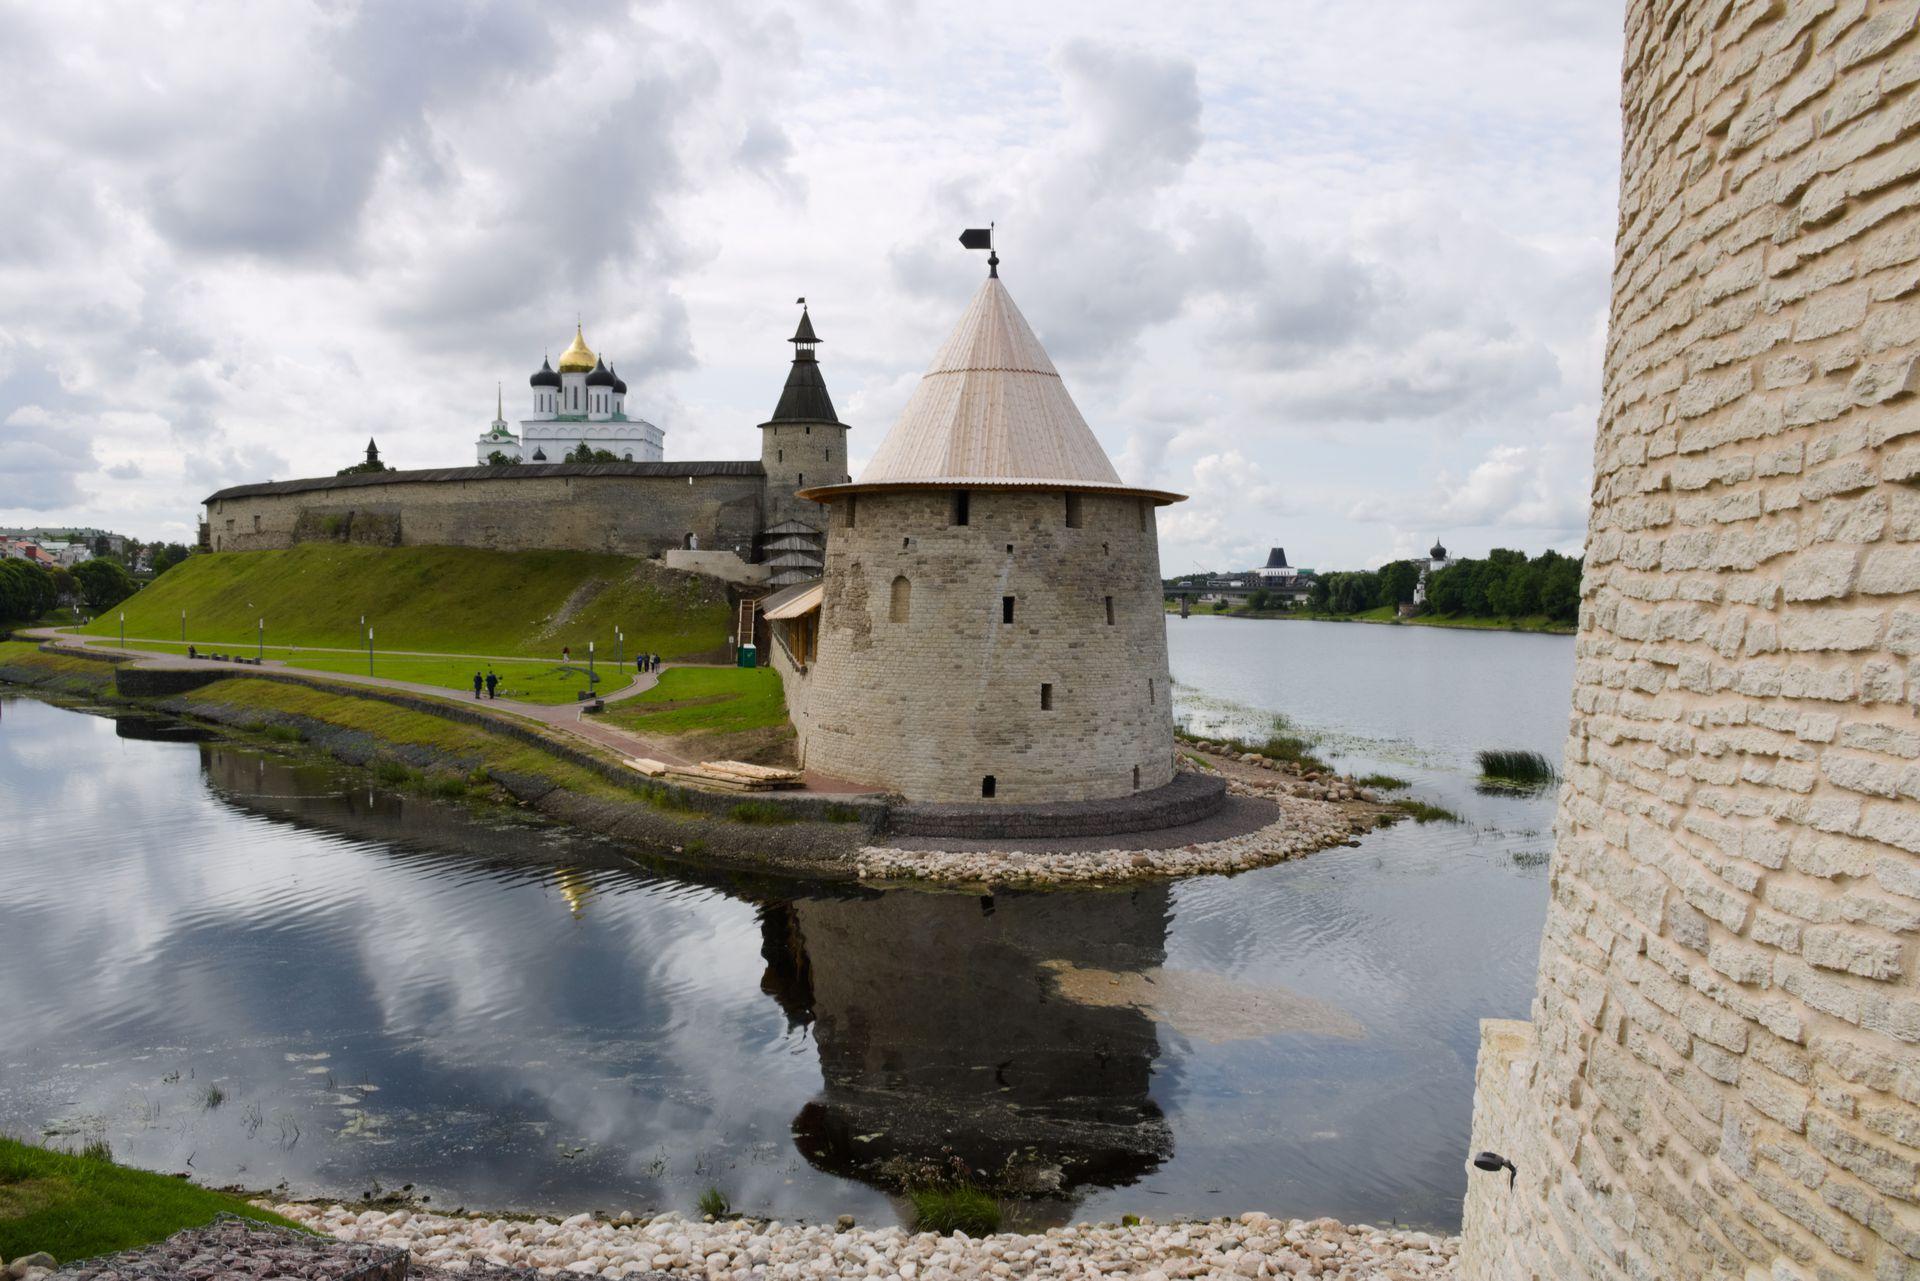 El kremlin de Pskov, recinto amurallado que protegía la ciudadela. El edificio blanco dentro de la fortaleza es la catedral de la Santísima Trinidad.